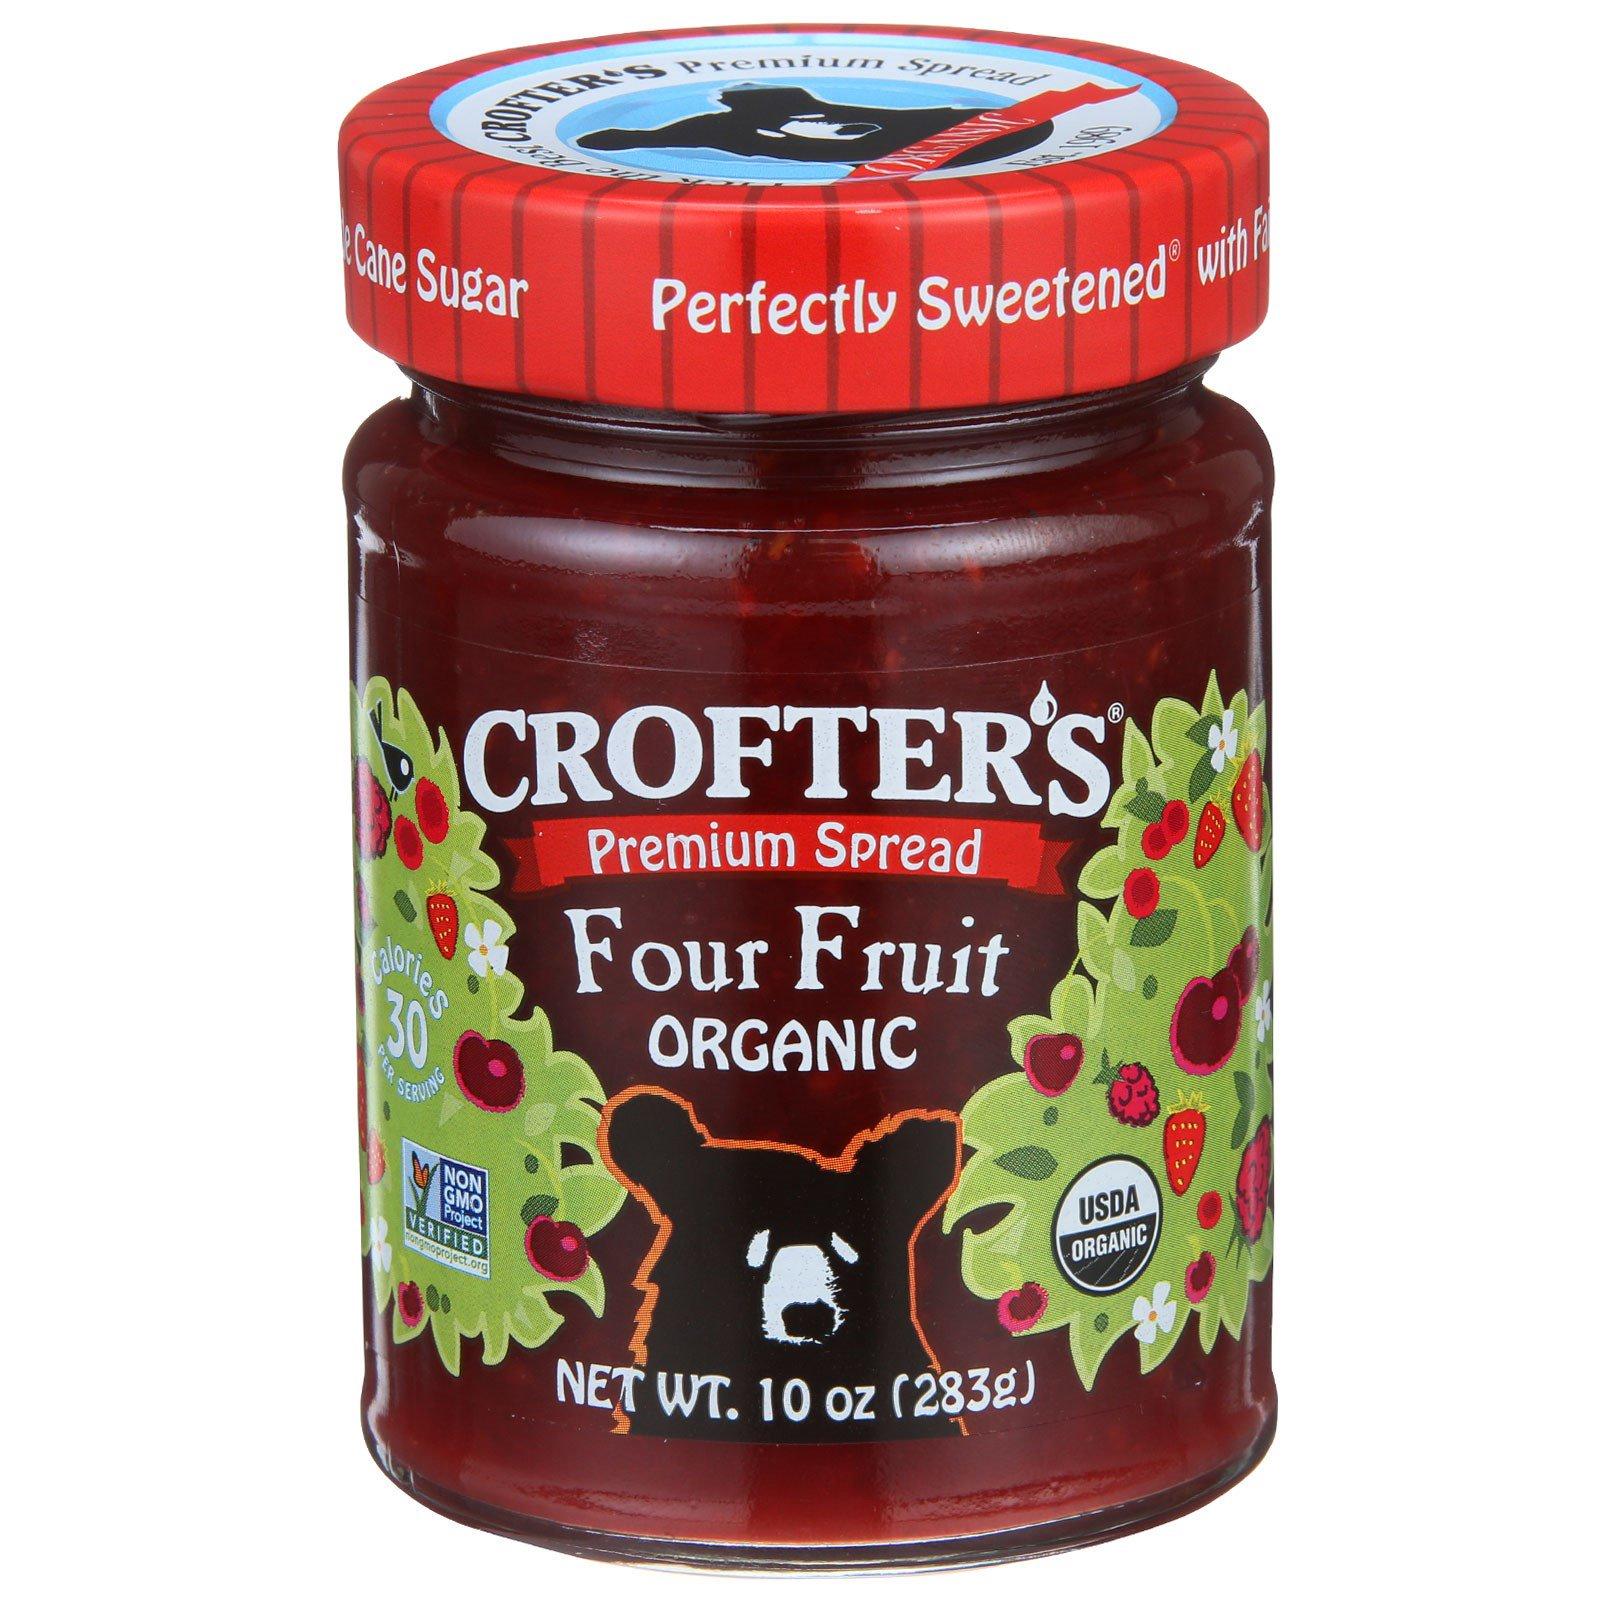 Crofter's Organic, Премиум паста, четыре фрукта, 283 г (10 унций)